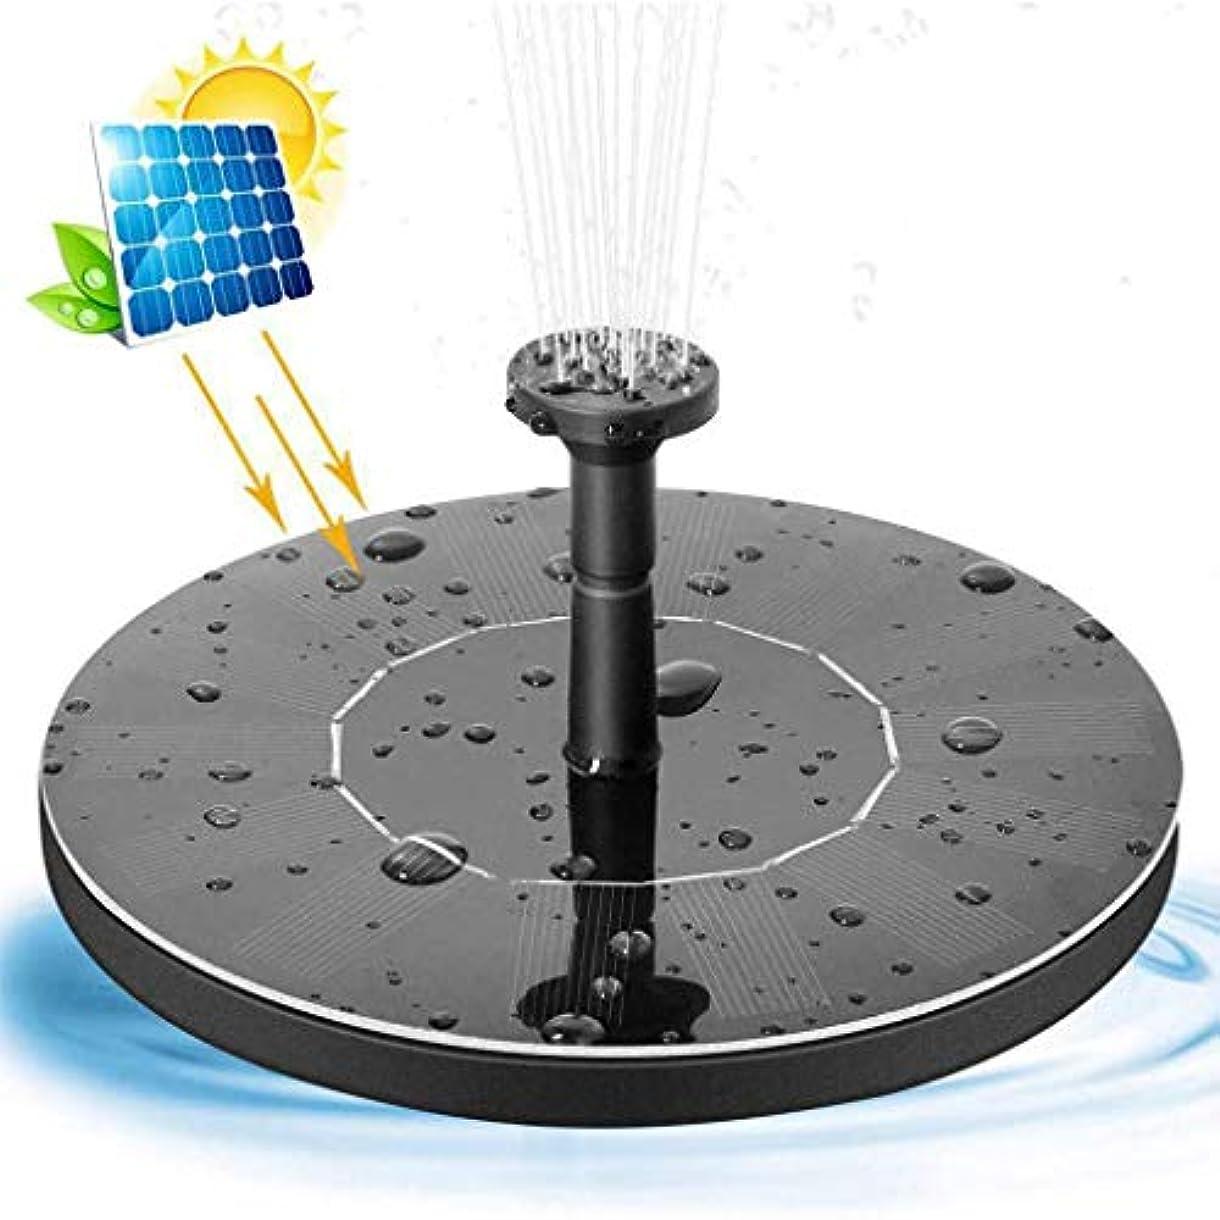 再開混沌逃げる小さなソーラーファウンテン、ソーラーパネル付きガーデンウォーターポンプ4ファウンテンスタイル庭の池またはファウンテンフィッシュタンク用ソーラーフローティングファウンテンポンプ